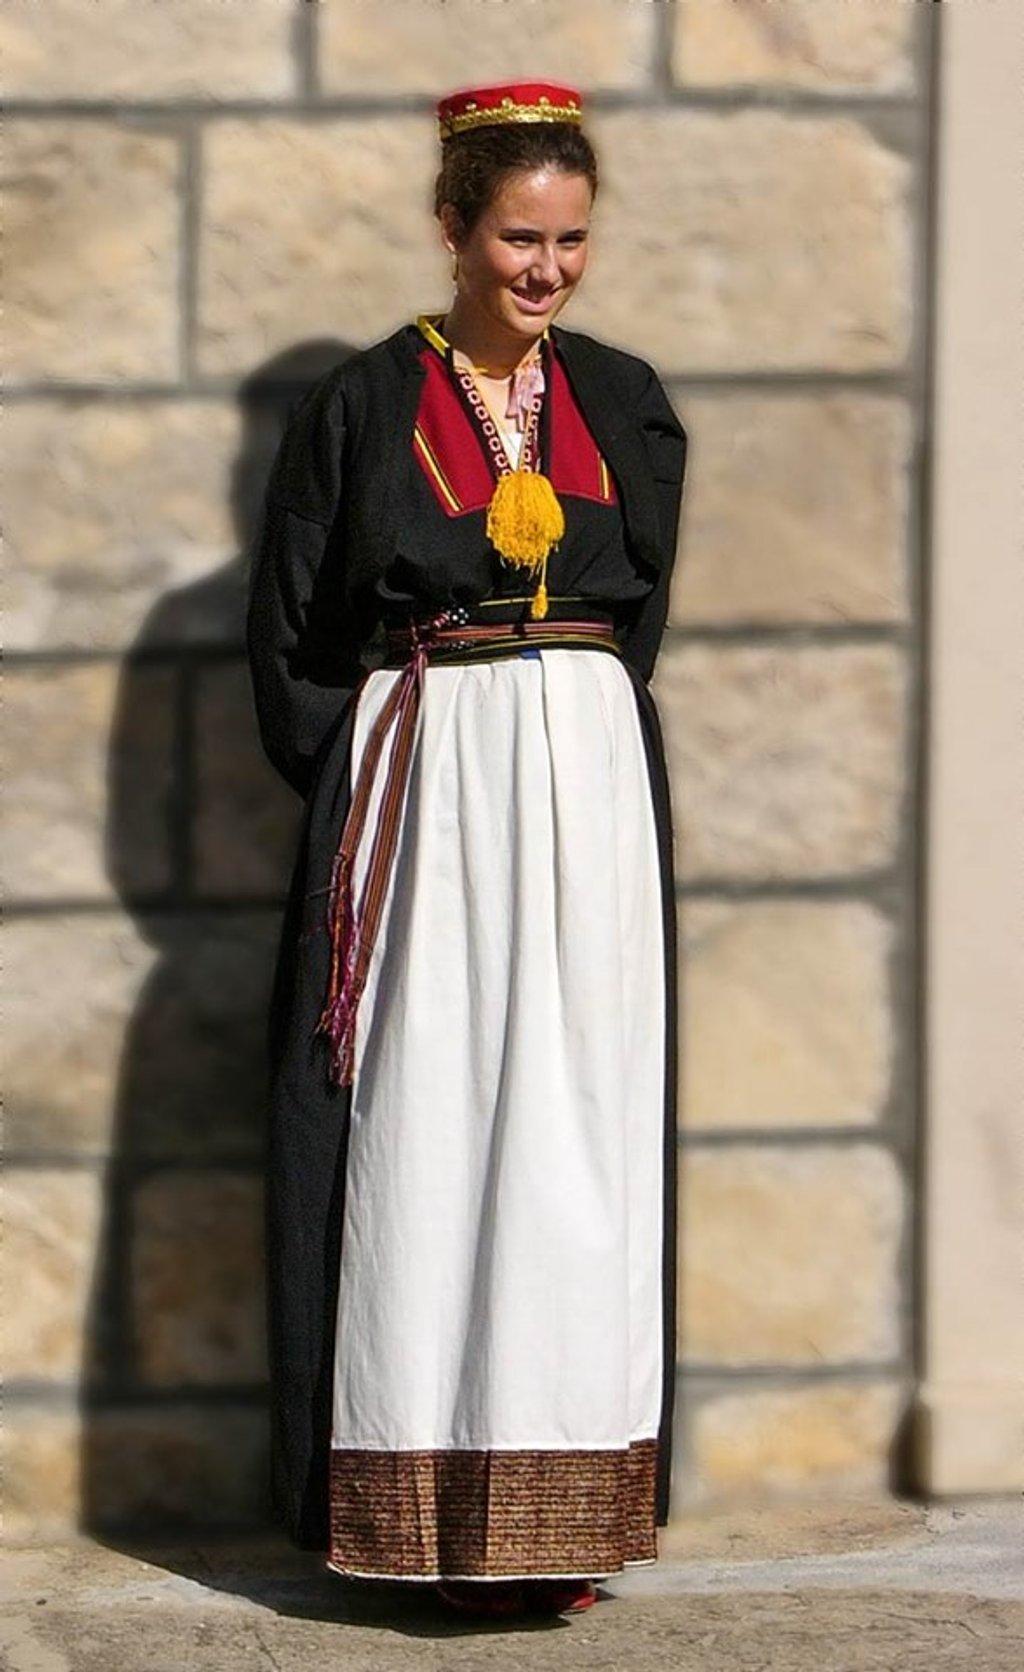 Croatian folk dancer by ivan